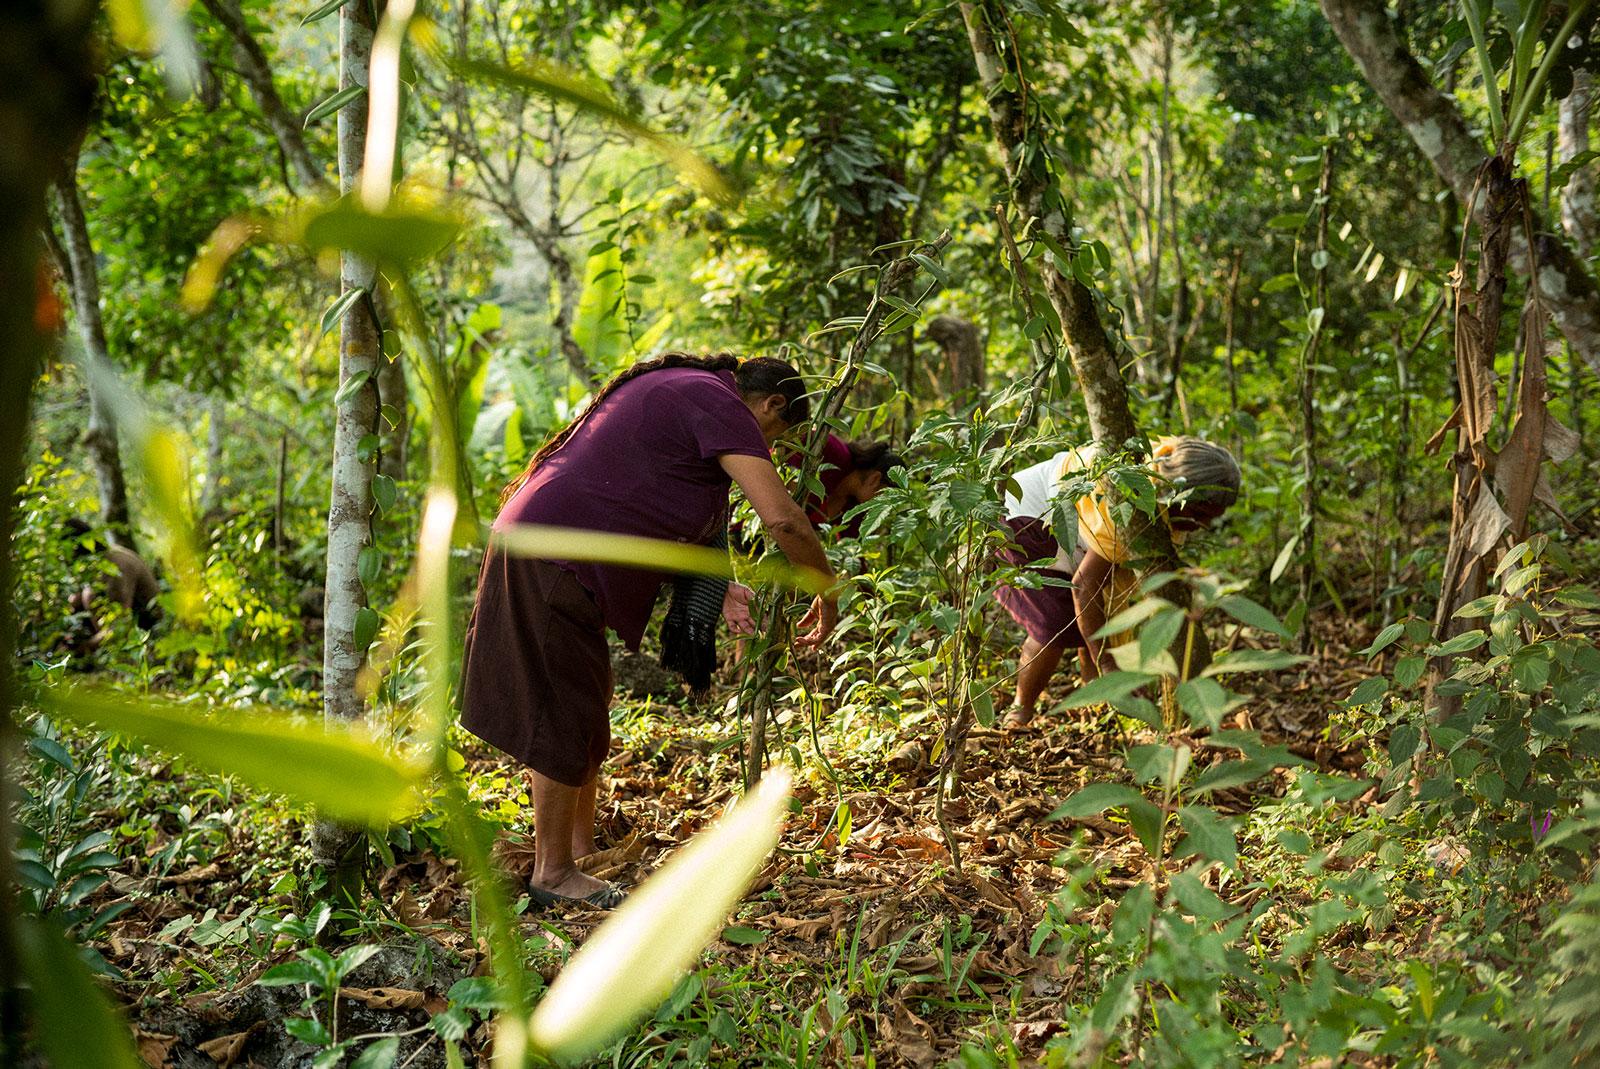 Imagen: Limpieza de campos de vainilla.